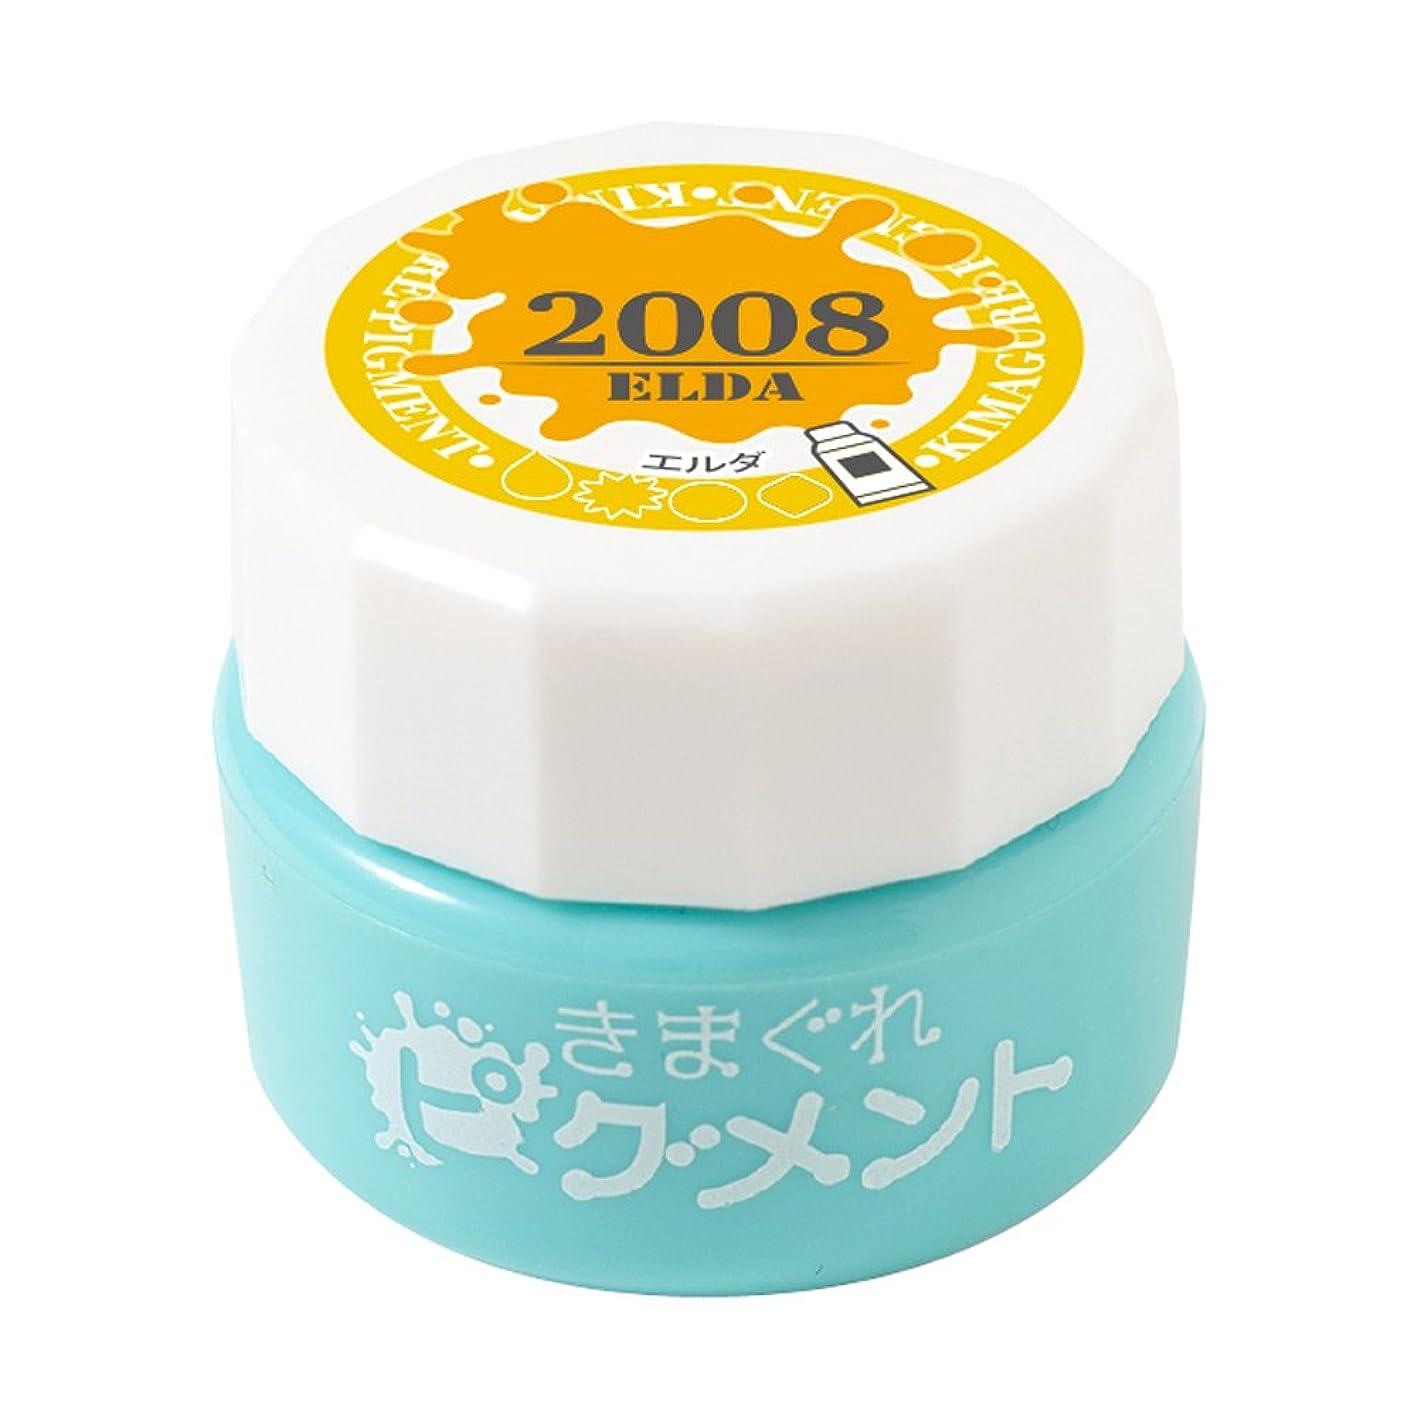 おかしいさわやか協会Bettygel きまぐれピグメント エルダ QYJ-2008 4g UV/LED対応